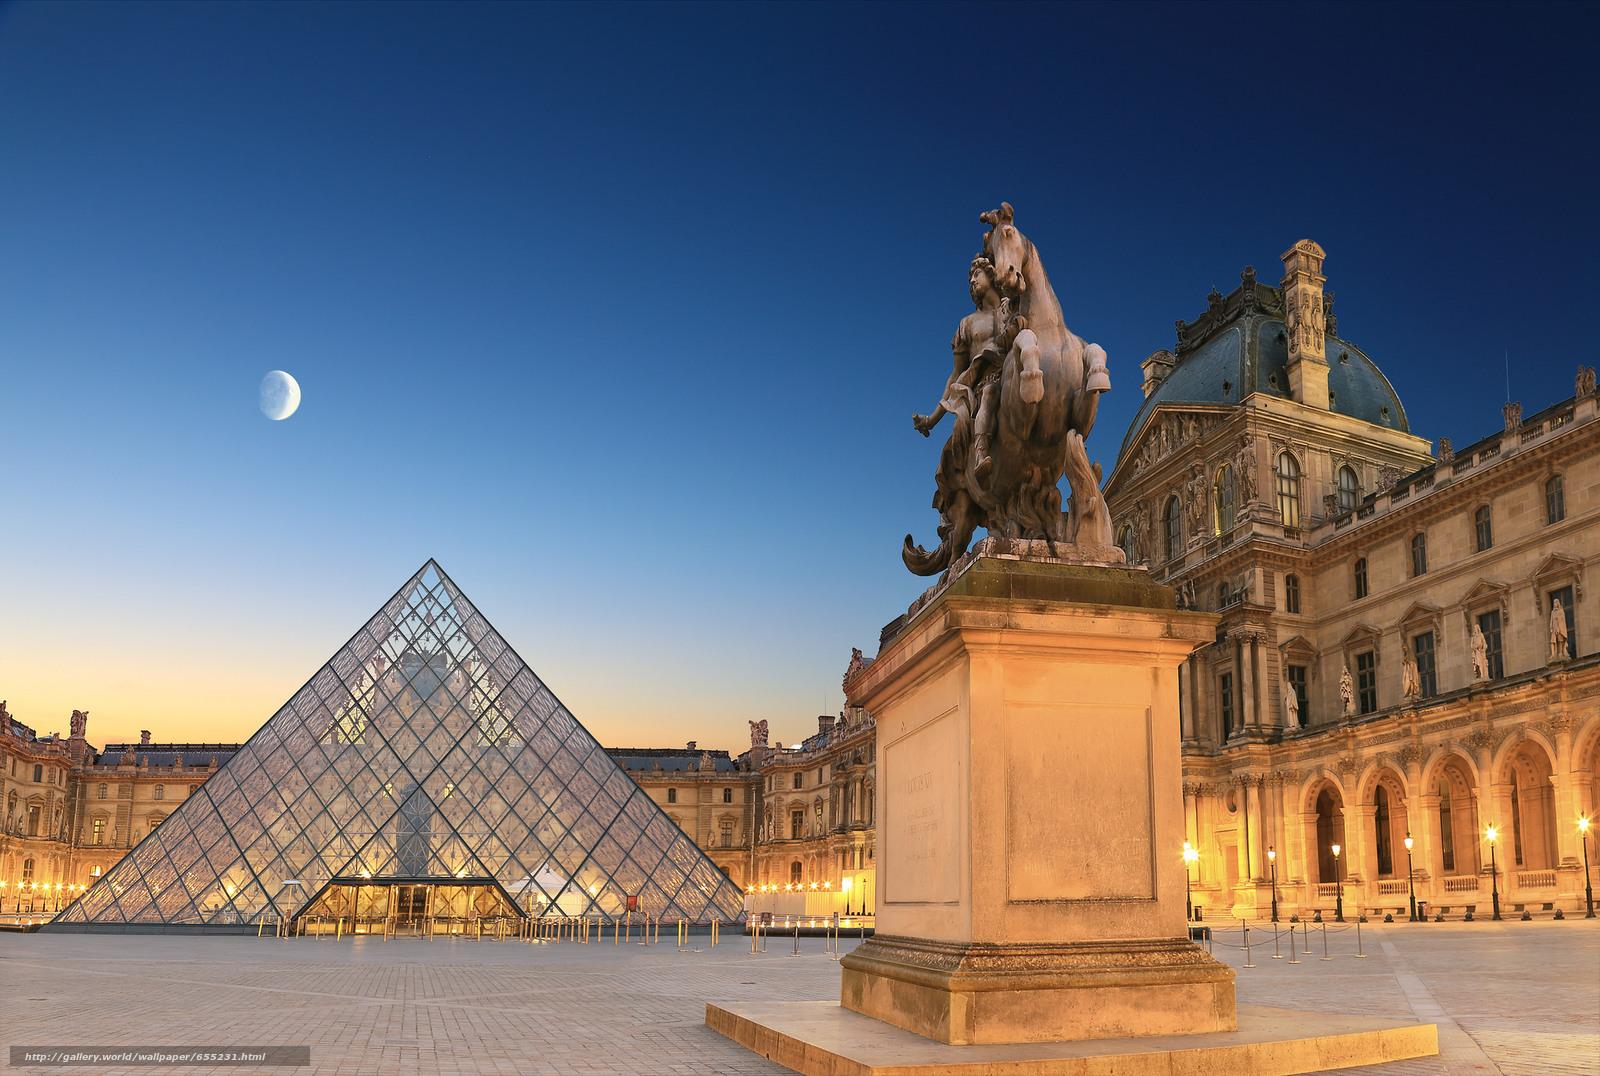 Скачать обои Louvre,  Paris,  France,  Лувр бесплатно для рабочего стола в разрешении 2048x1377 — картинка №655231